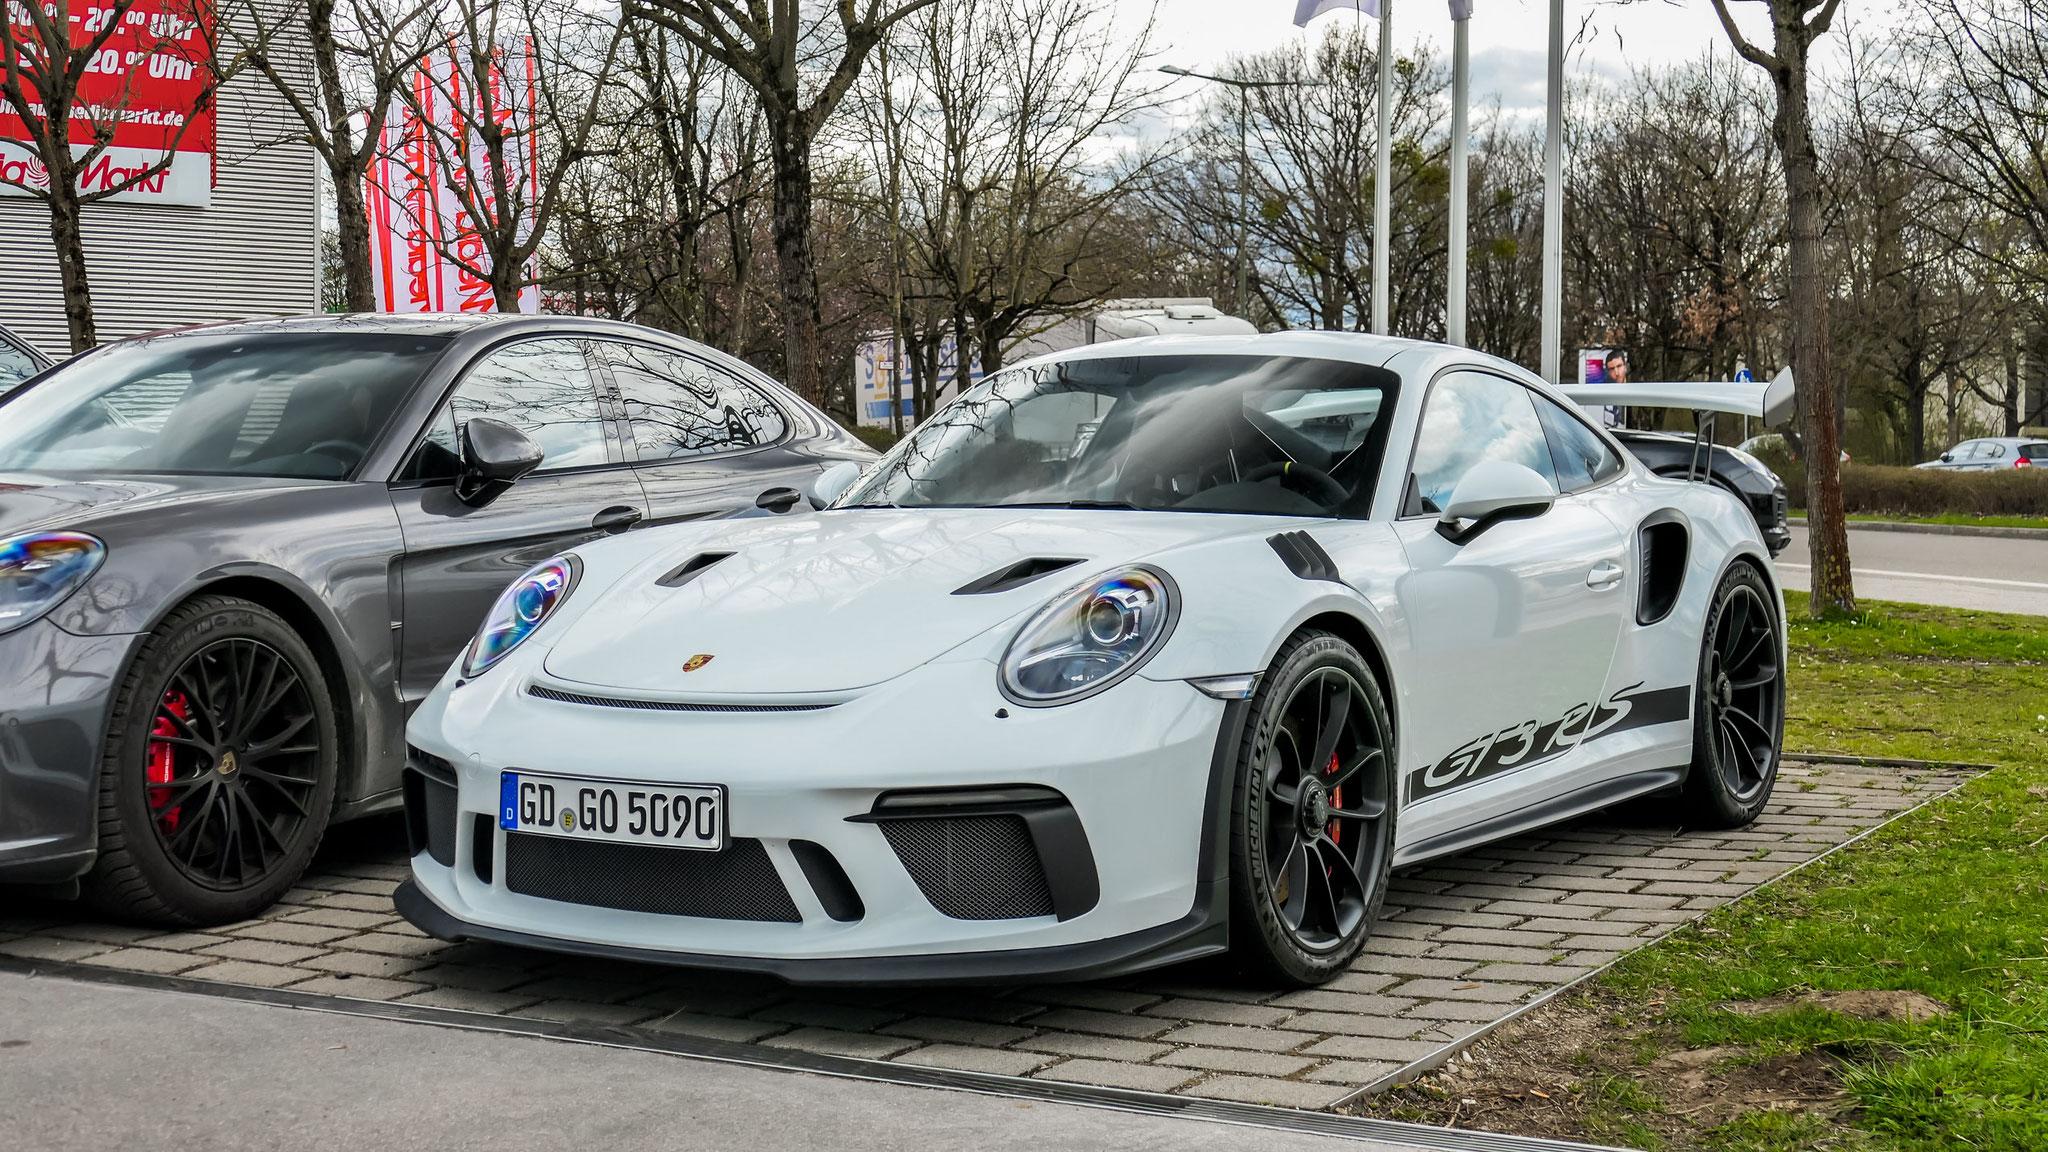 Porsche 911 991.1 GT3 RS - GD-GO-5090